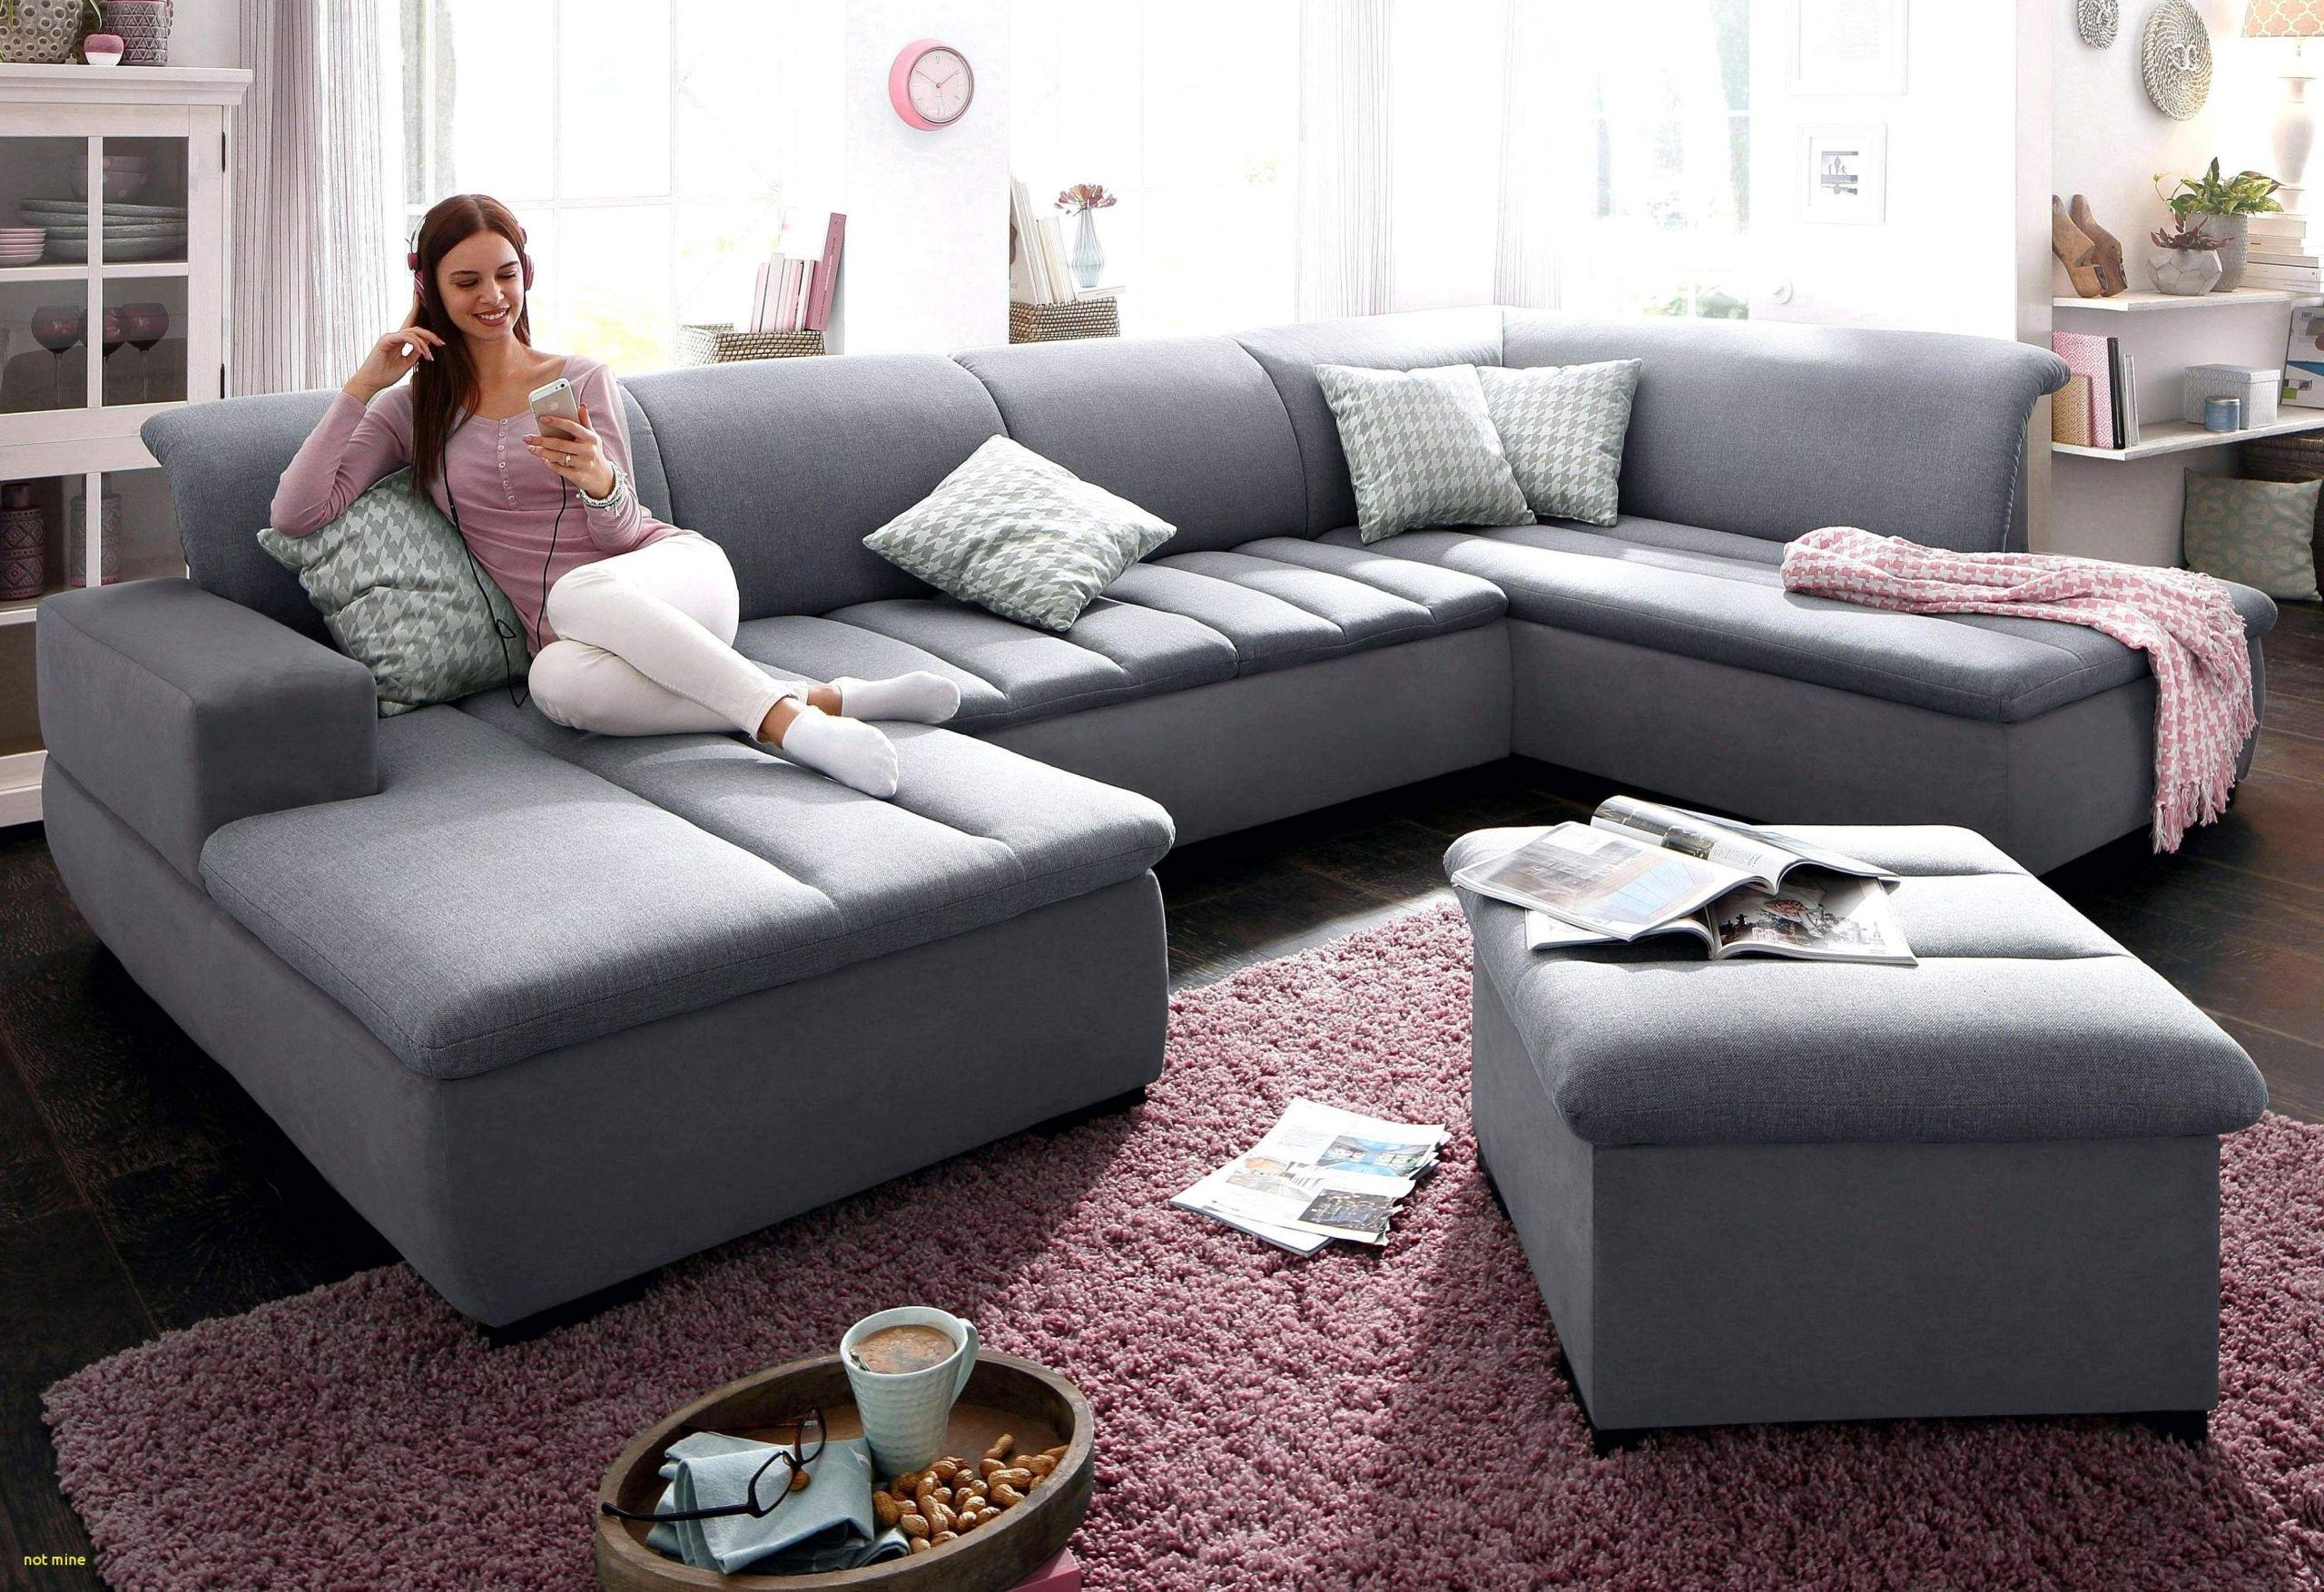 Full Size of Otto Sofa Chaise Two Seat Bed Grey Sale Grau Versand Couch Mit Bettfunktion Sofatische Schlaffunktion Angebote Ecksofa Und Bettkasten Leder Wohnzimmer Genial Wohnzimmer Otto Sofa